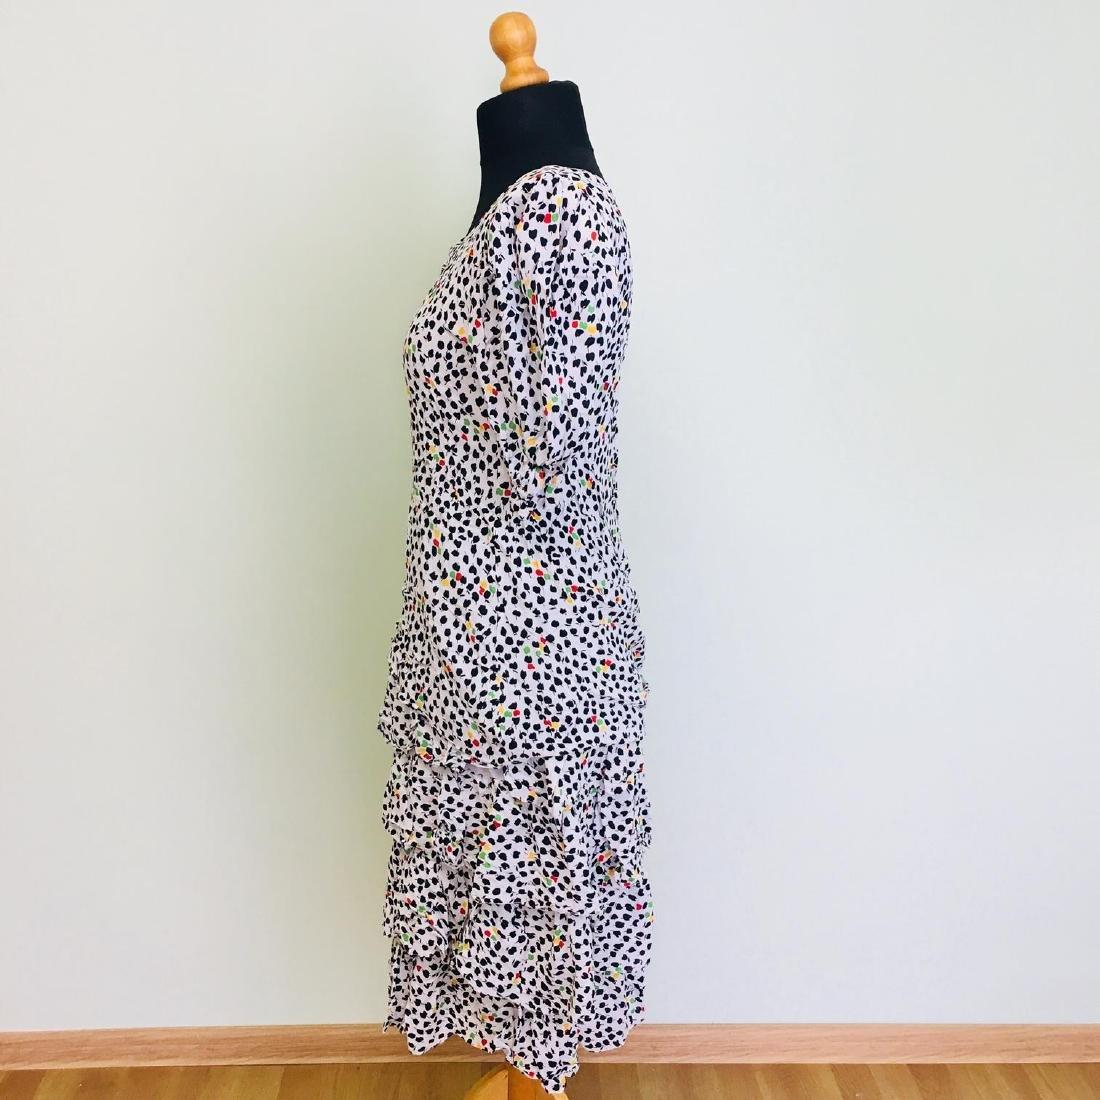 Vintage Women's Day Coctail Dress Size EUR 40 US 10 - 4